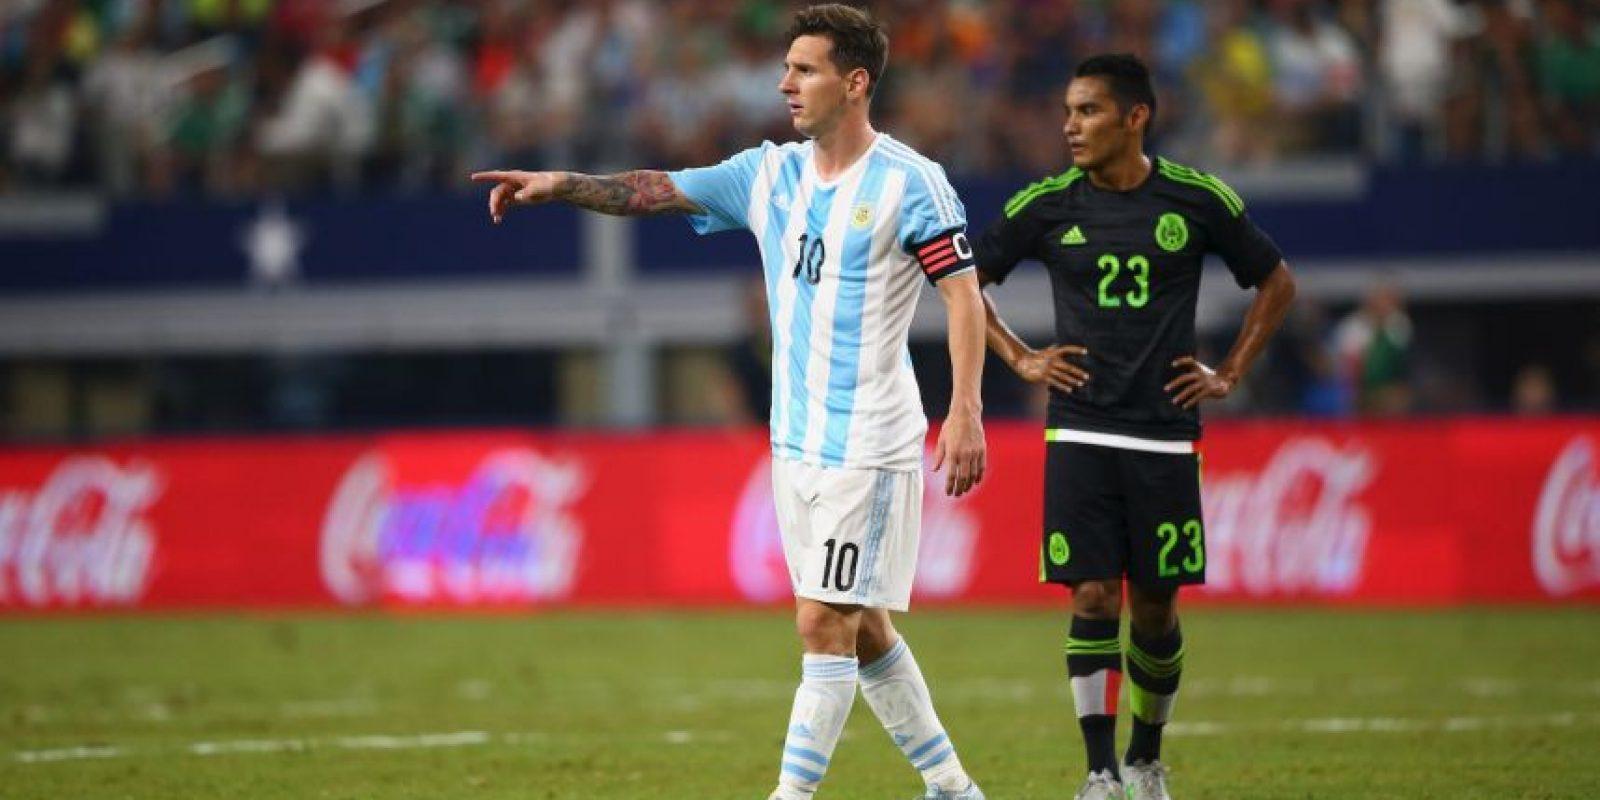 La Selección de Argentina es favorita para ganar la Copa América Centenario Foto:Getty Images